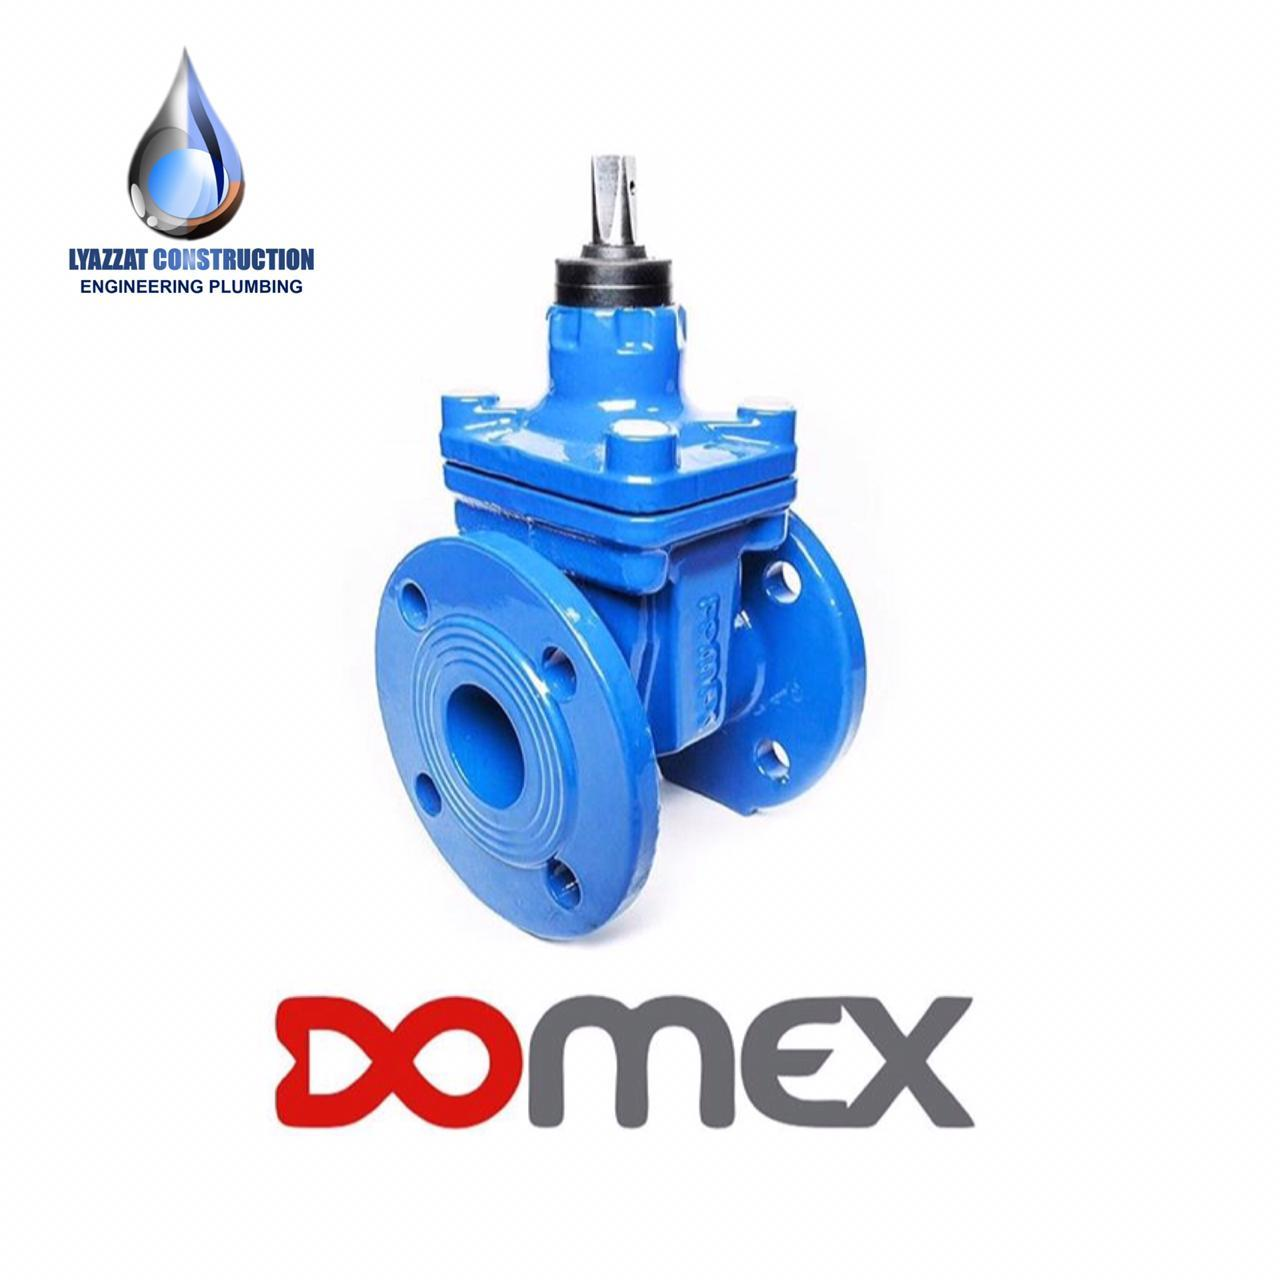 Задвижка DOMEX фланцевая F4 (короткая) DN 600